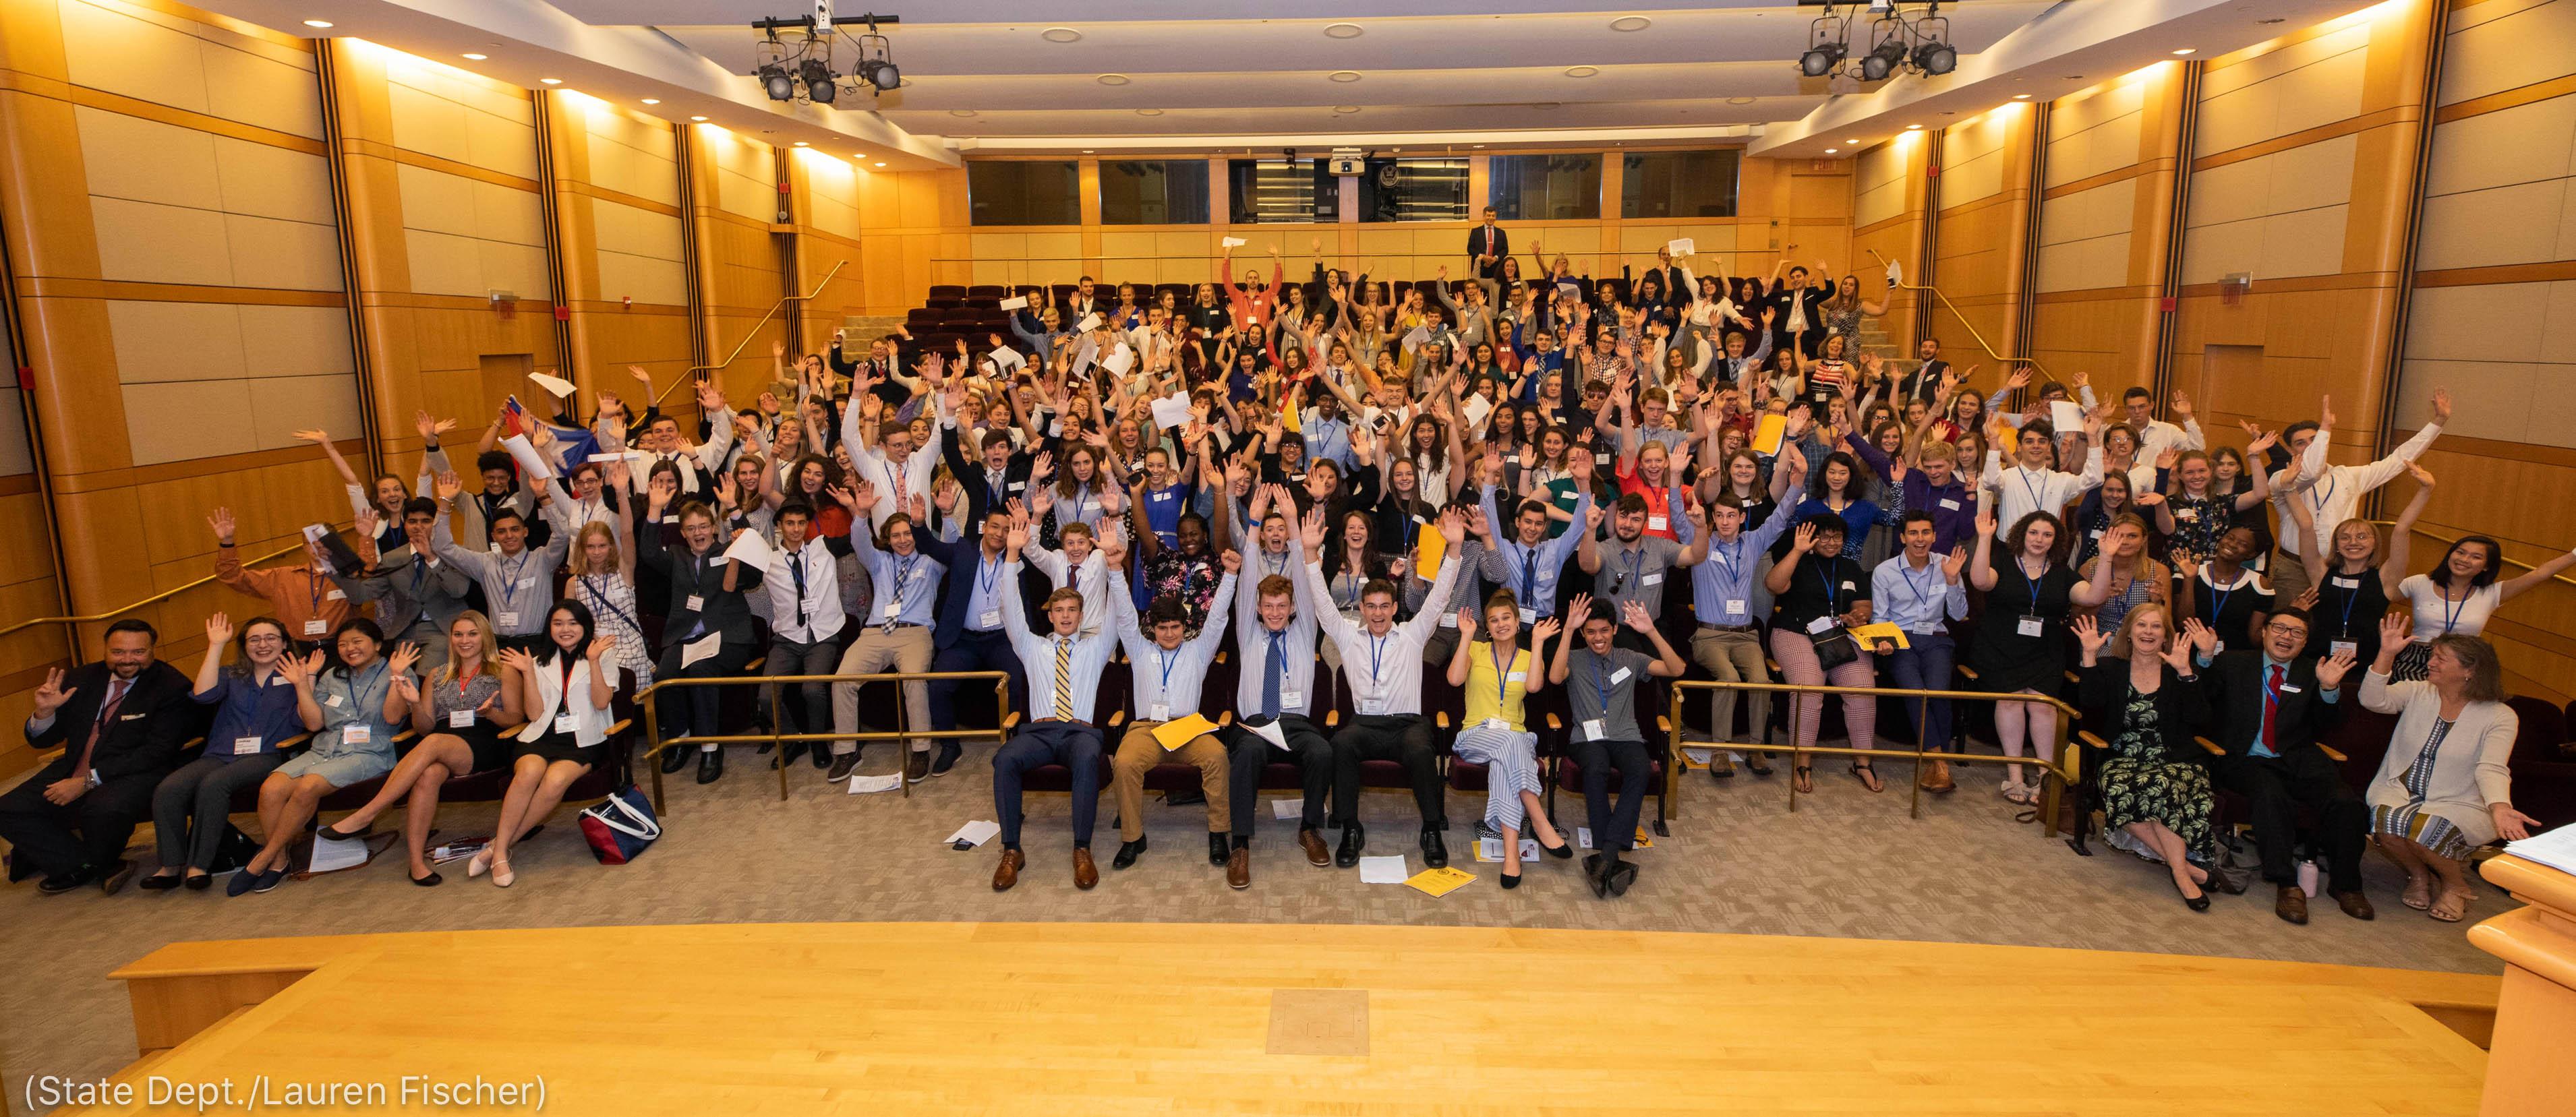 Des personnes assises dans une salle, levant les bras (Département d'État/Lauren Fischer)